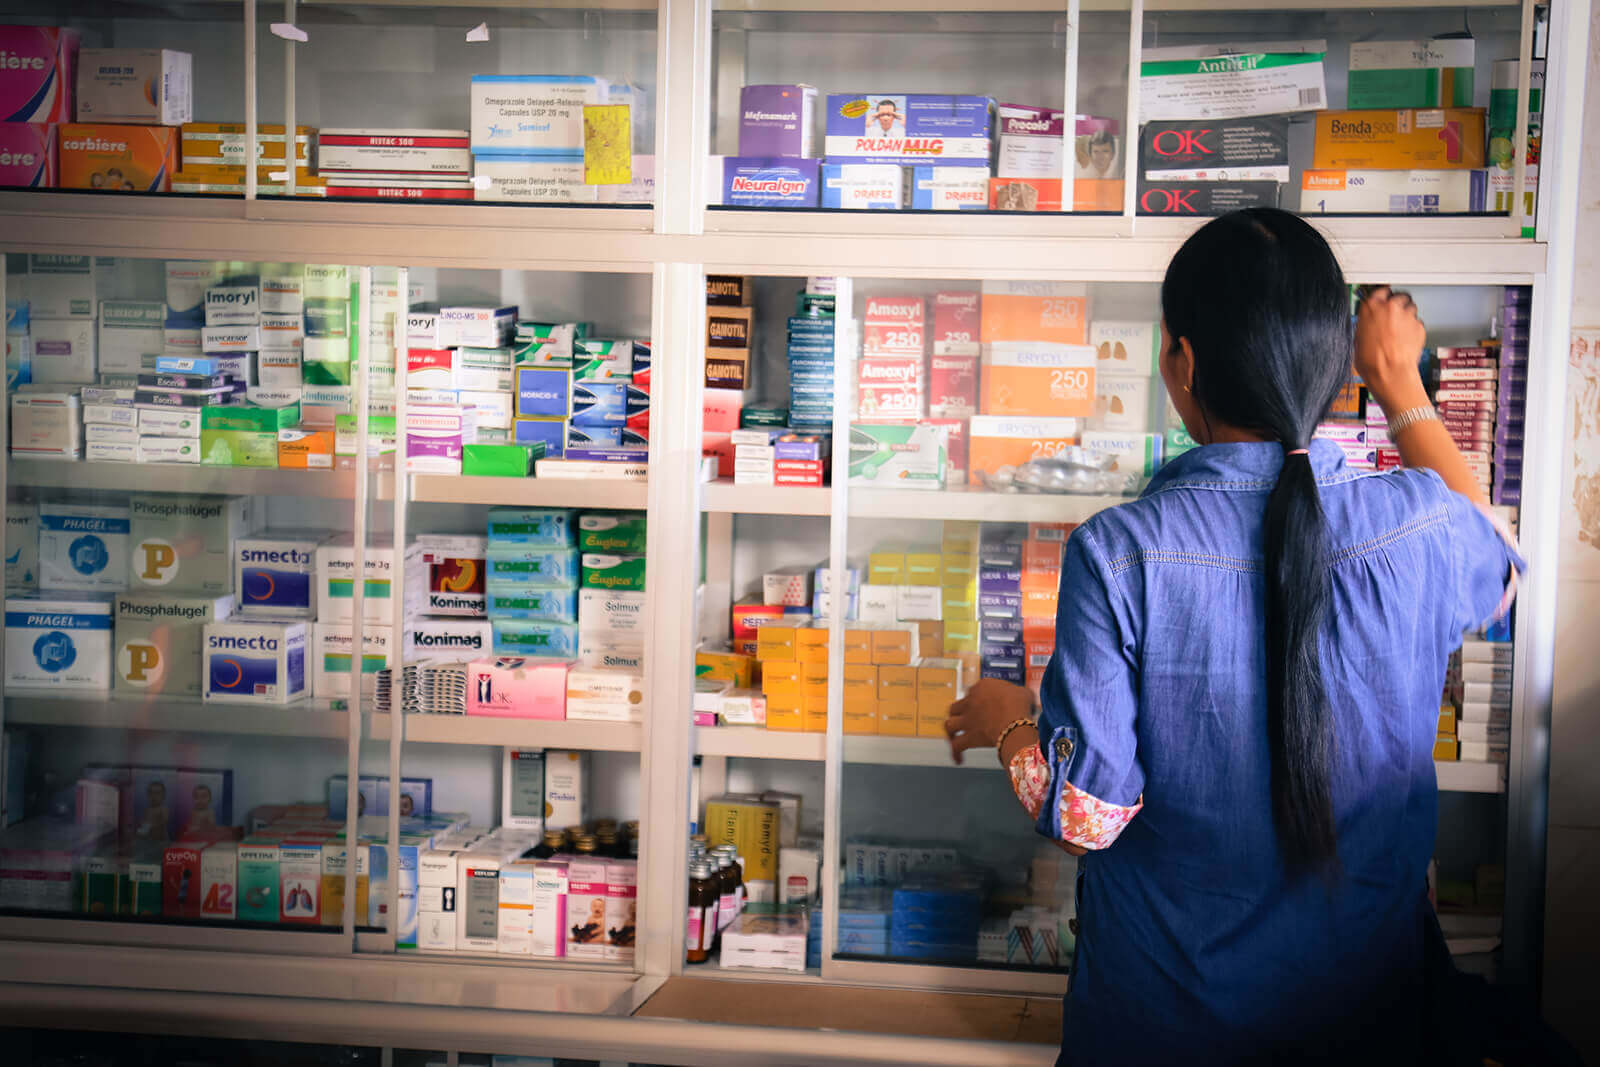 Making medication abortion safer